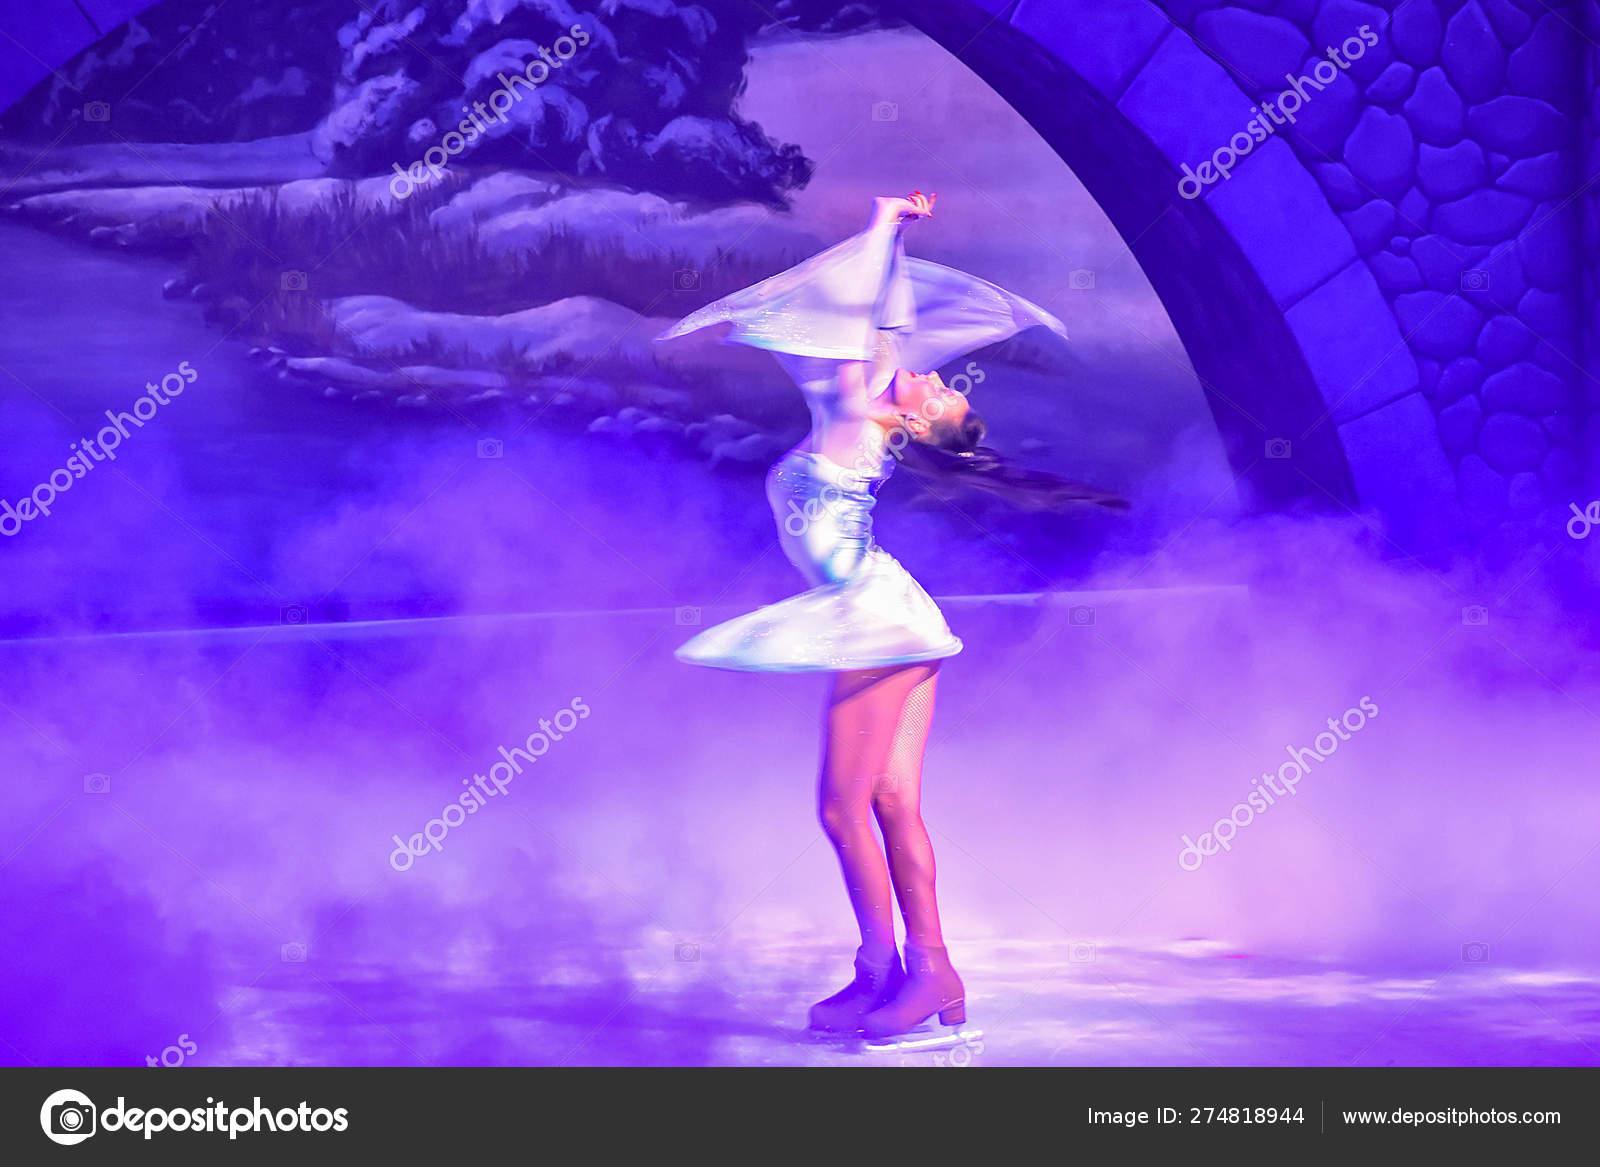 Christmas On Ice.Tampa Bay Florida January 2019 Woman Skating Christmas Ice